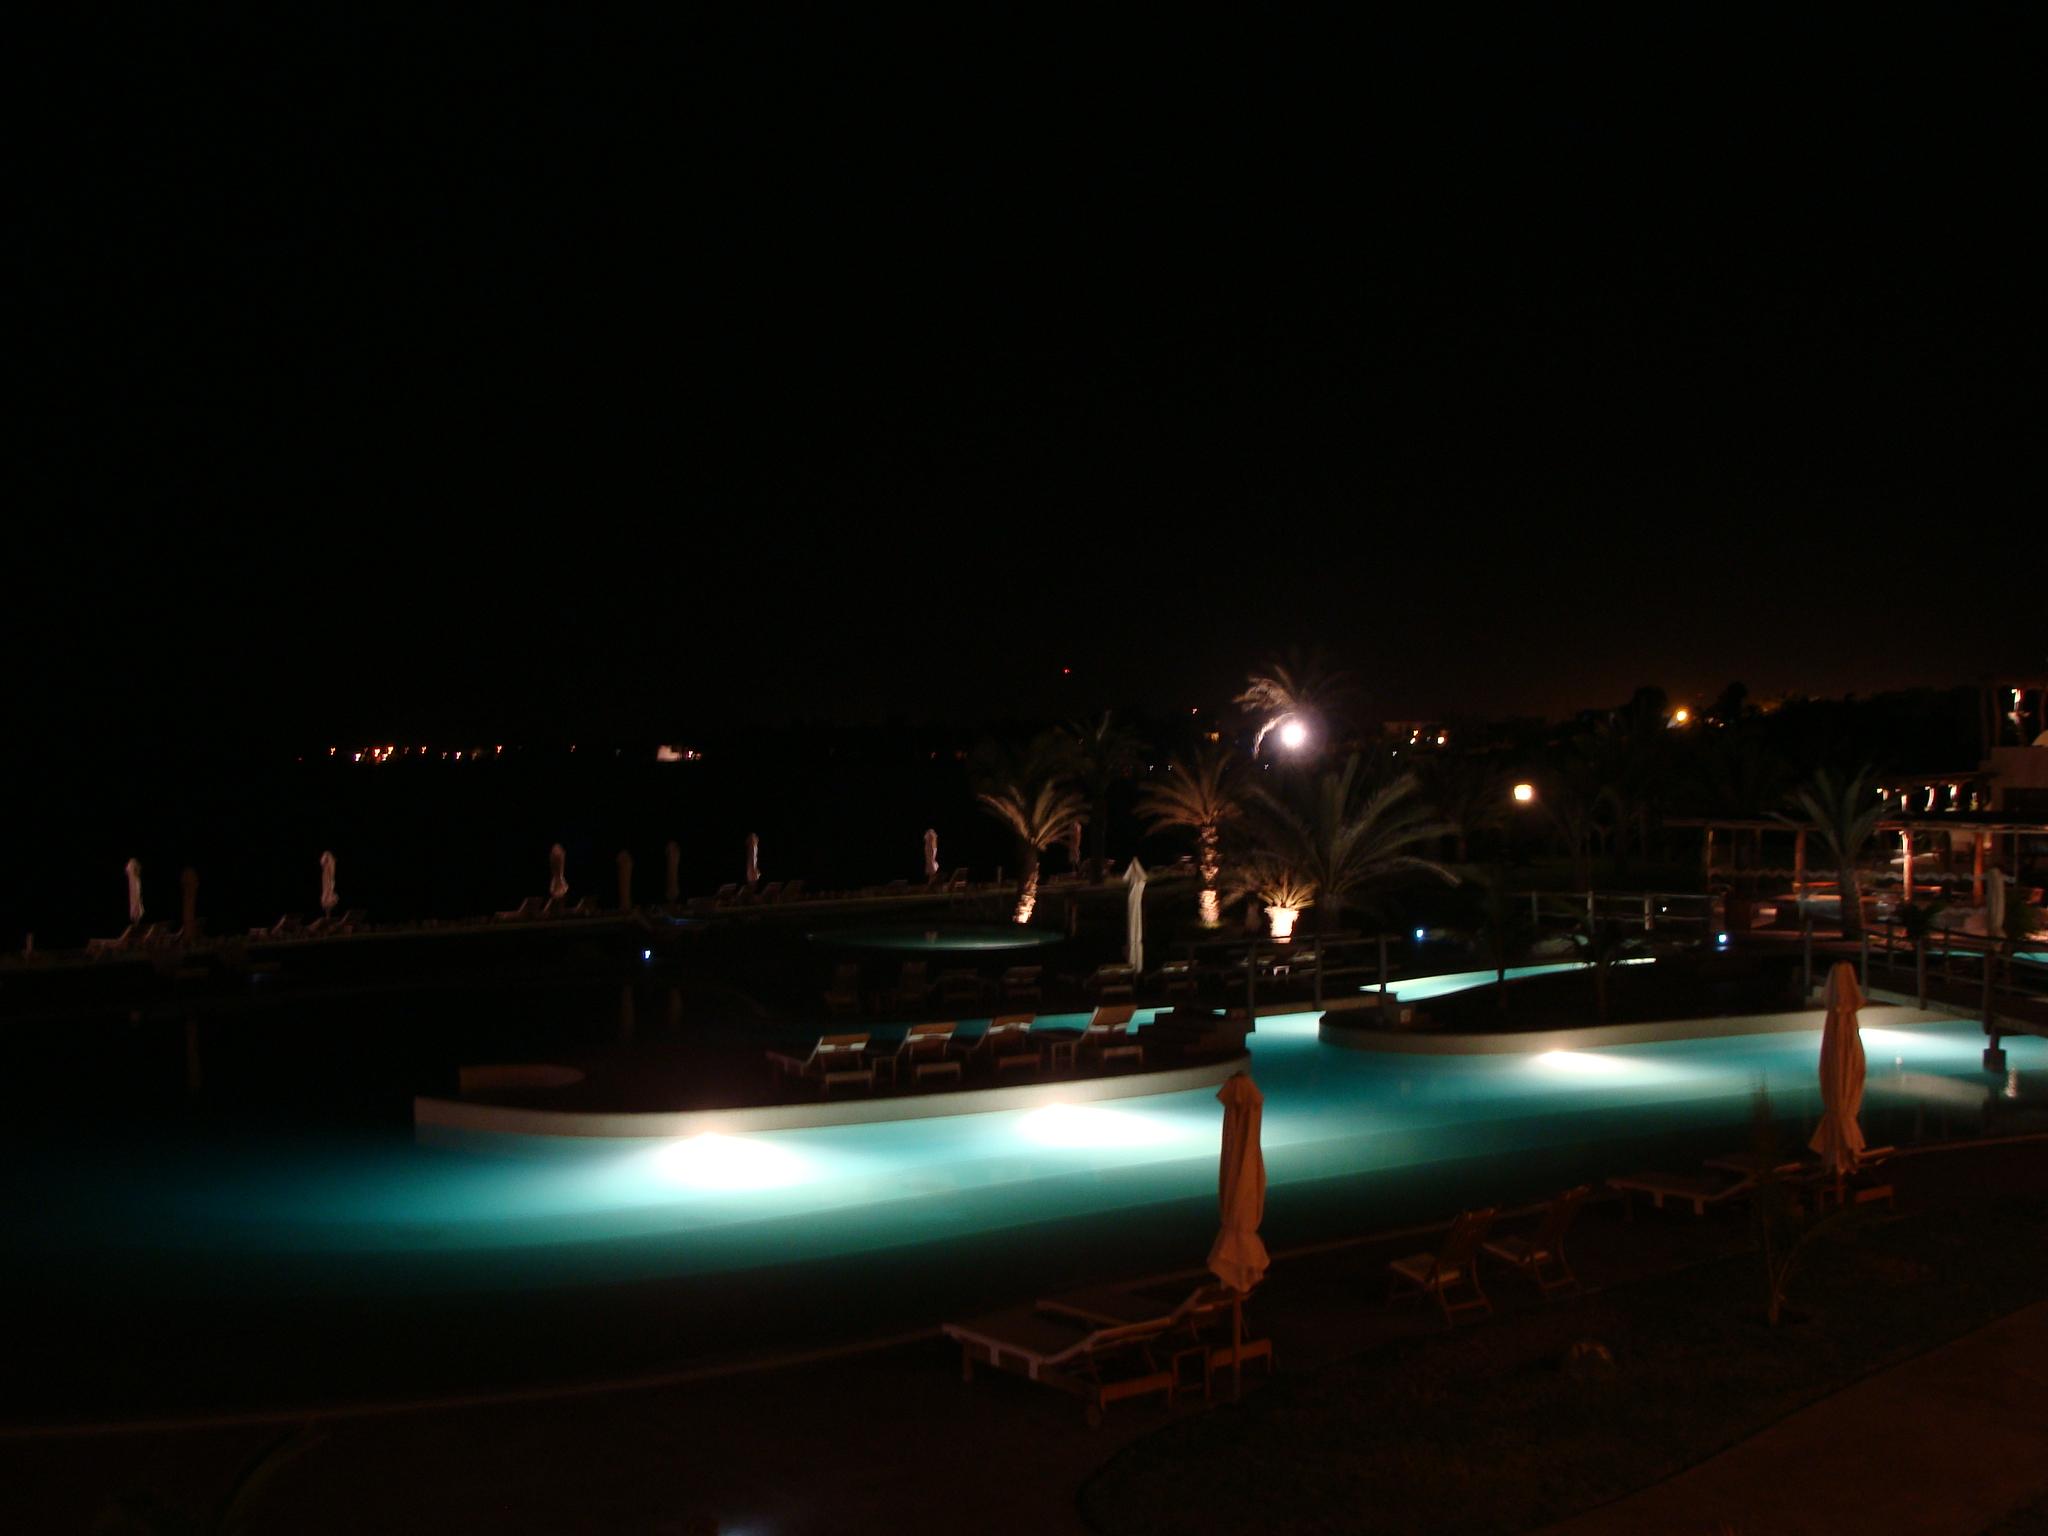 Paracas - pohled na osvícený bazén 21. 2. 22:36